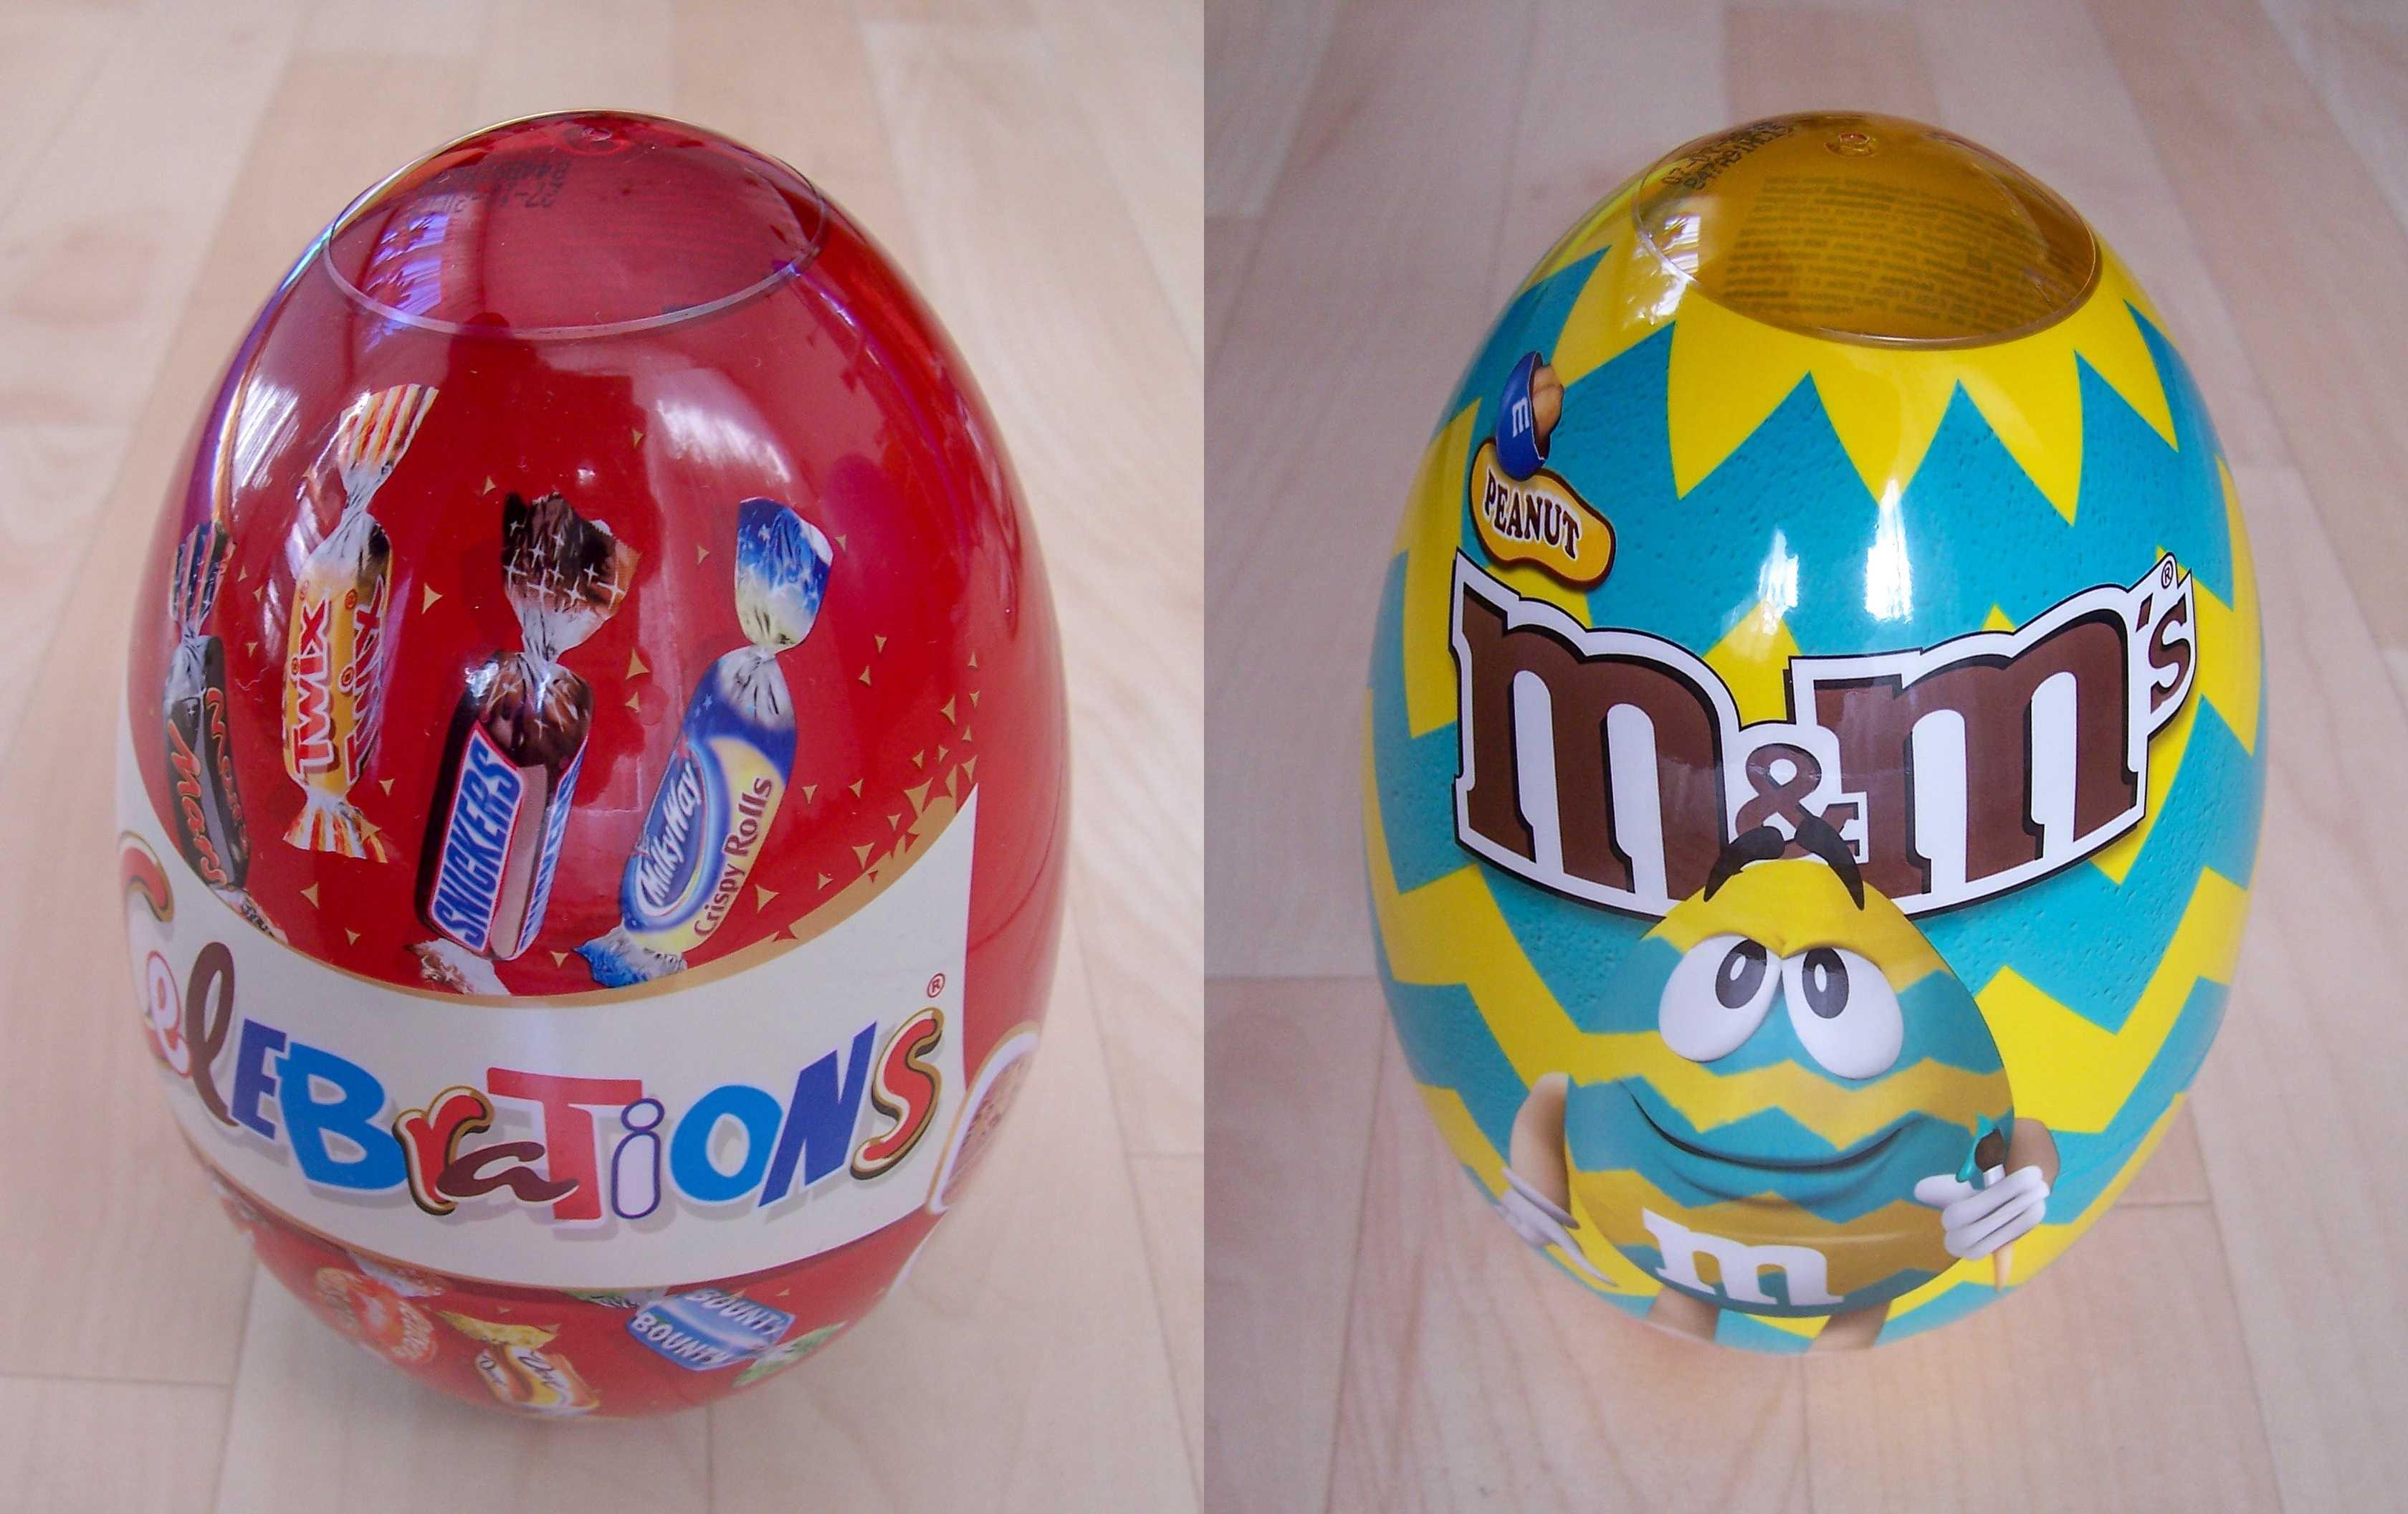 Zwei transparente Ostereier von Celebrations oder M&Ms.